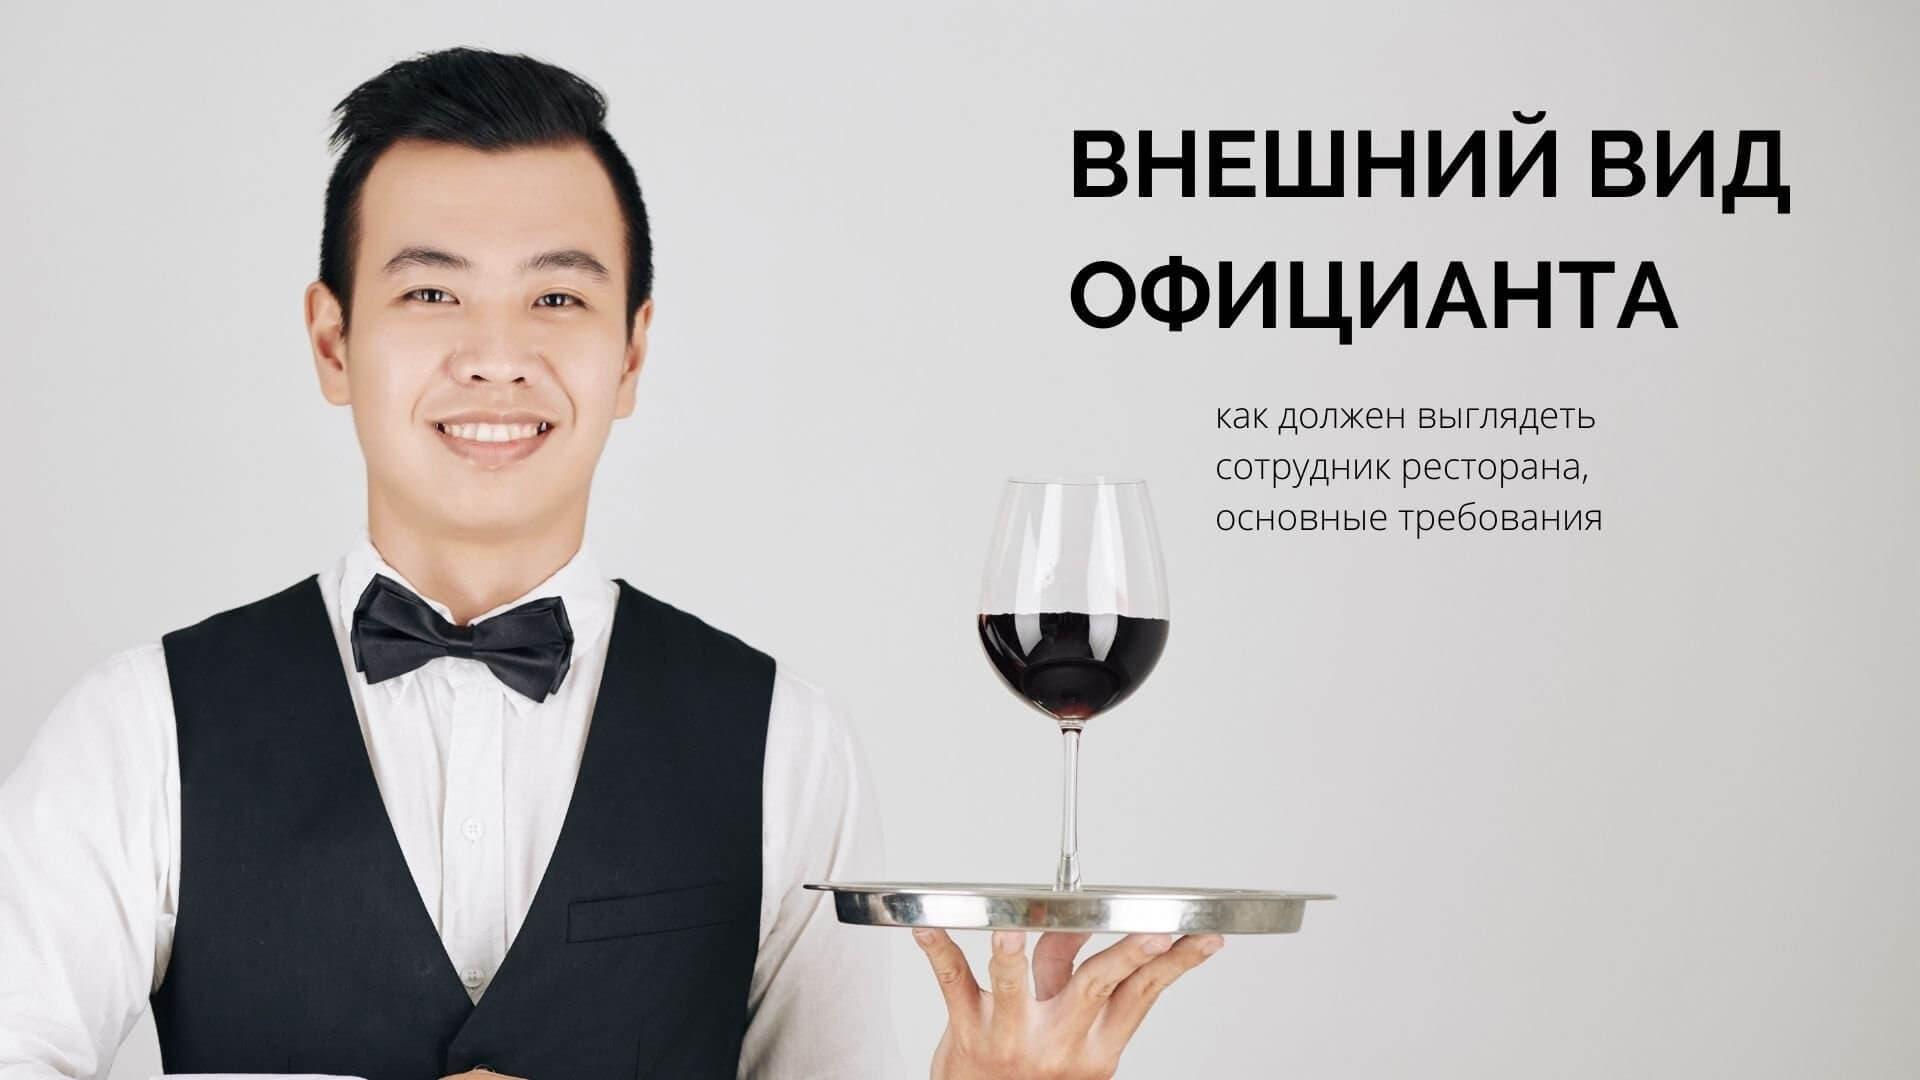 Внешний вид официанта: как должен выглядеть сотрудник ресторана, основные требования